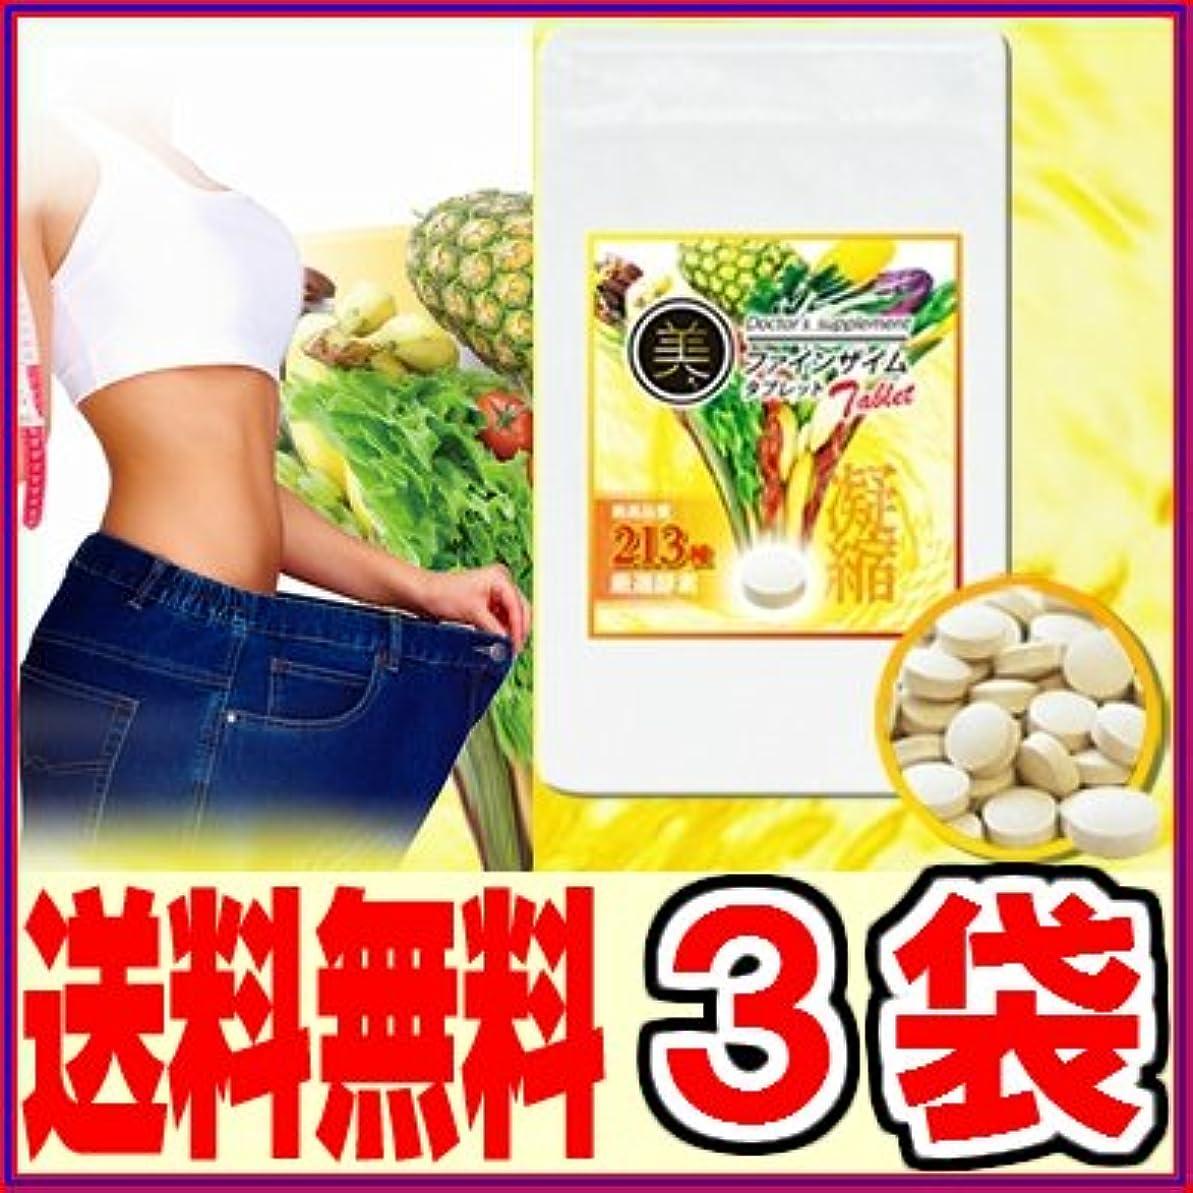 ロビーハムストッキング美?ファインザイム タブレット90粒 ×お得3袋セット《酵素、ダイエット、エステ、213種酵素、酵素ダイエット、マイクロ、リコピン、レスベラトロール》